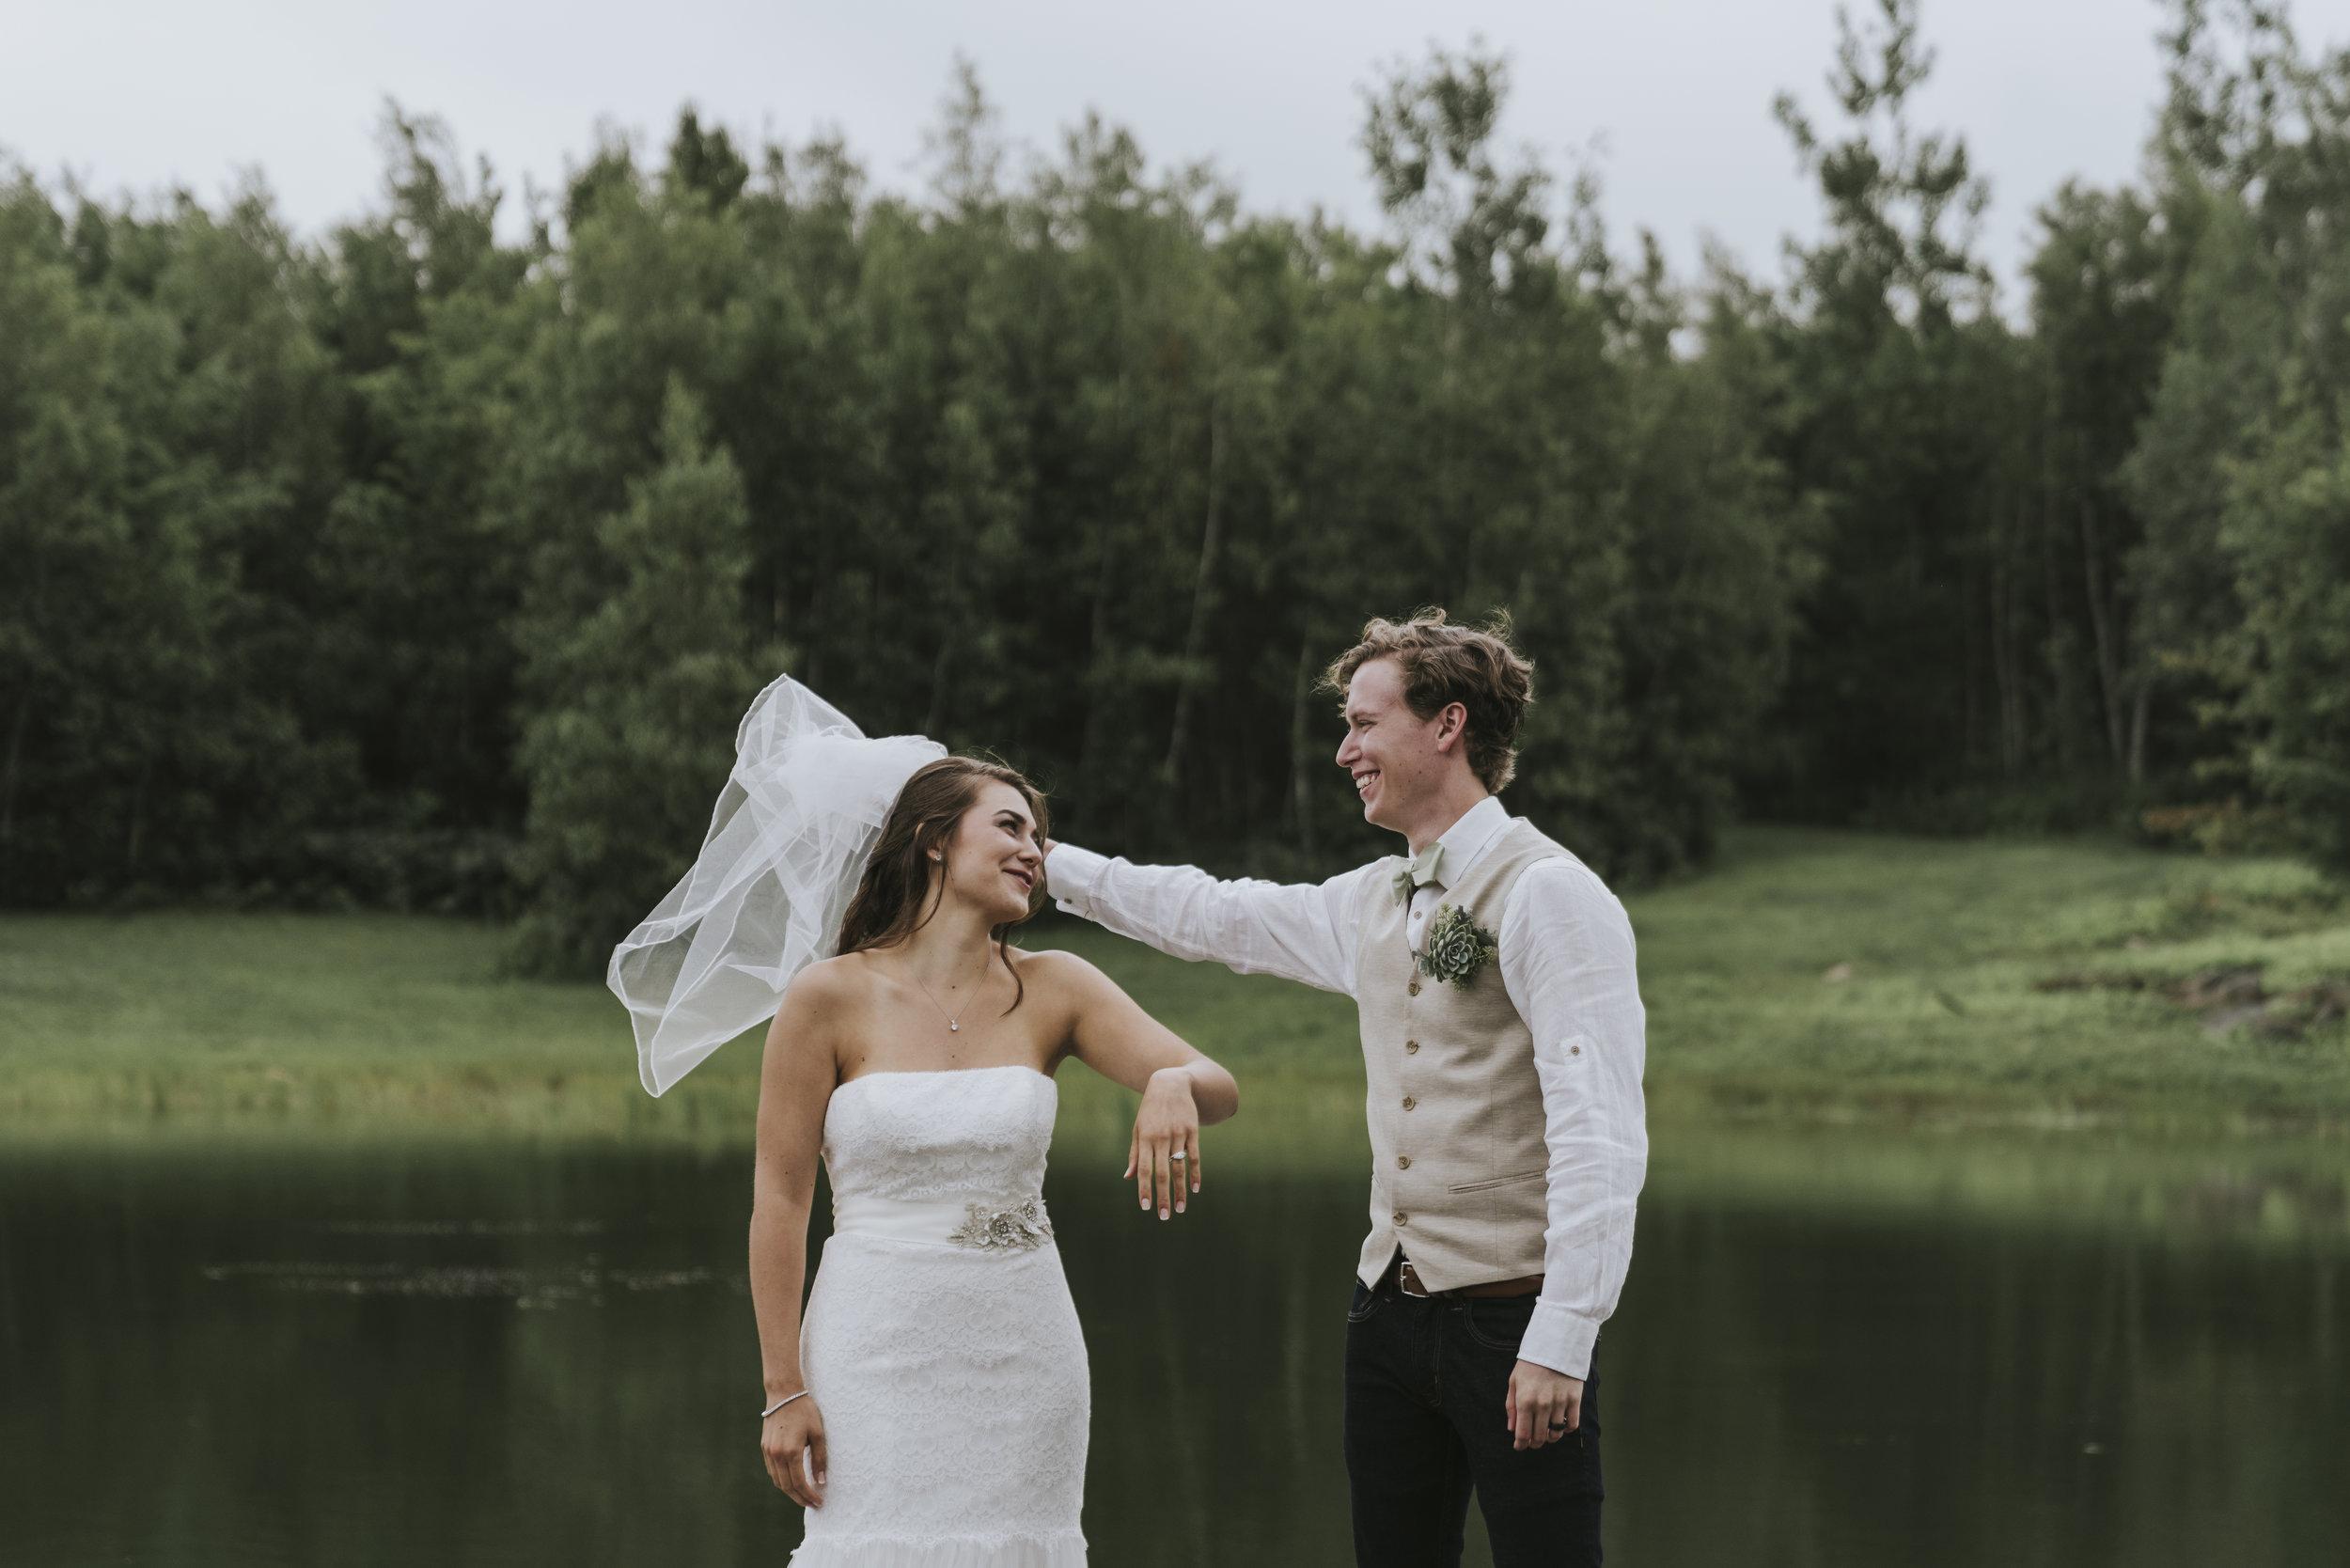 Wedding2017_Abbey_&Lucas_JPEGs (176 of 299).jpg